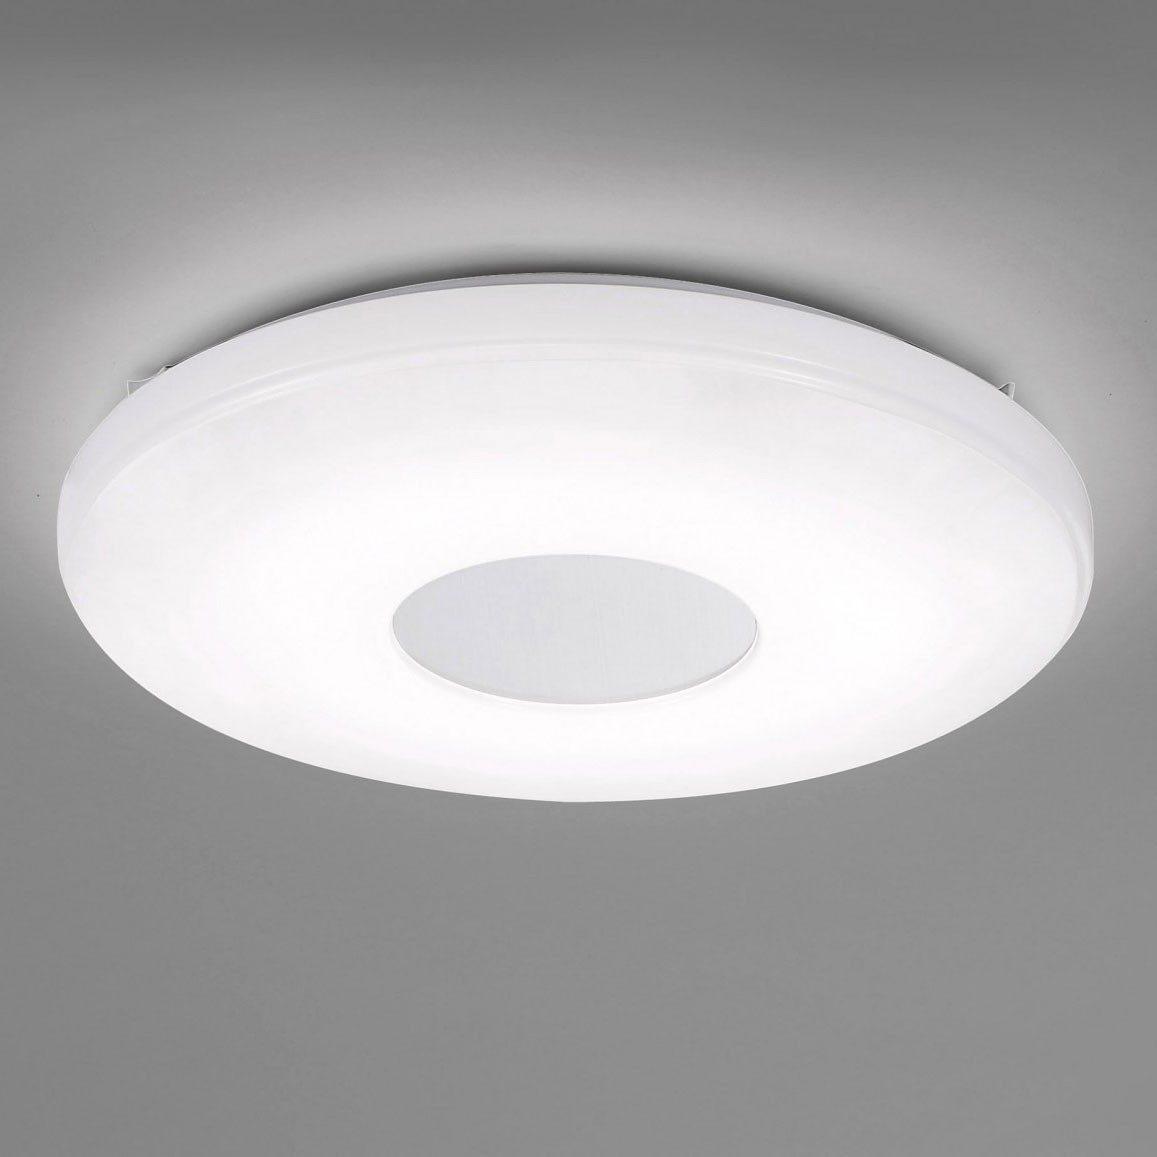 LichtTrend Deckenleuchte Switch LEDDeckenleuchte  44 cm  Fernbedienung online kaufen  OTTO